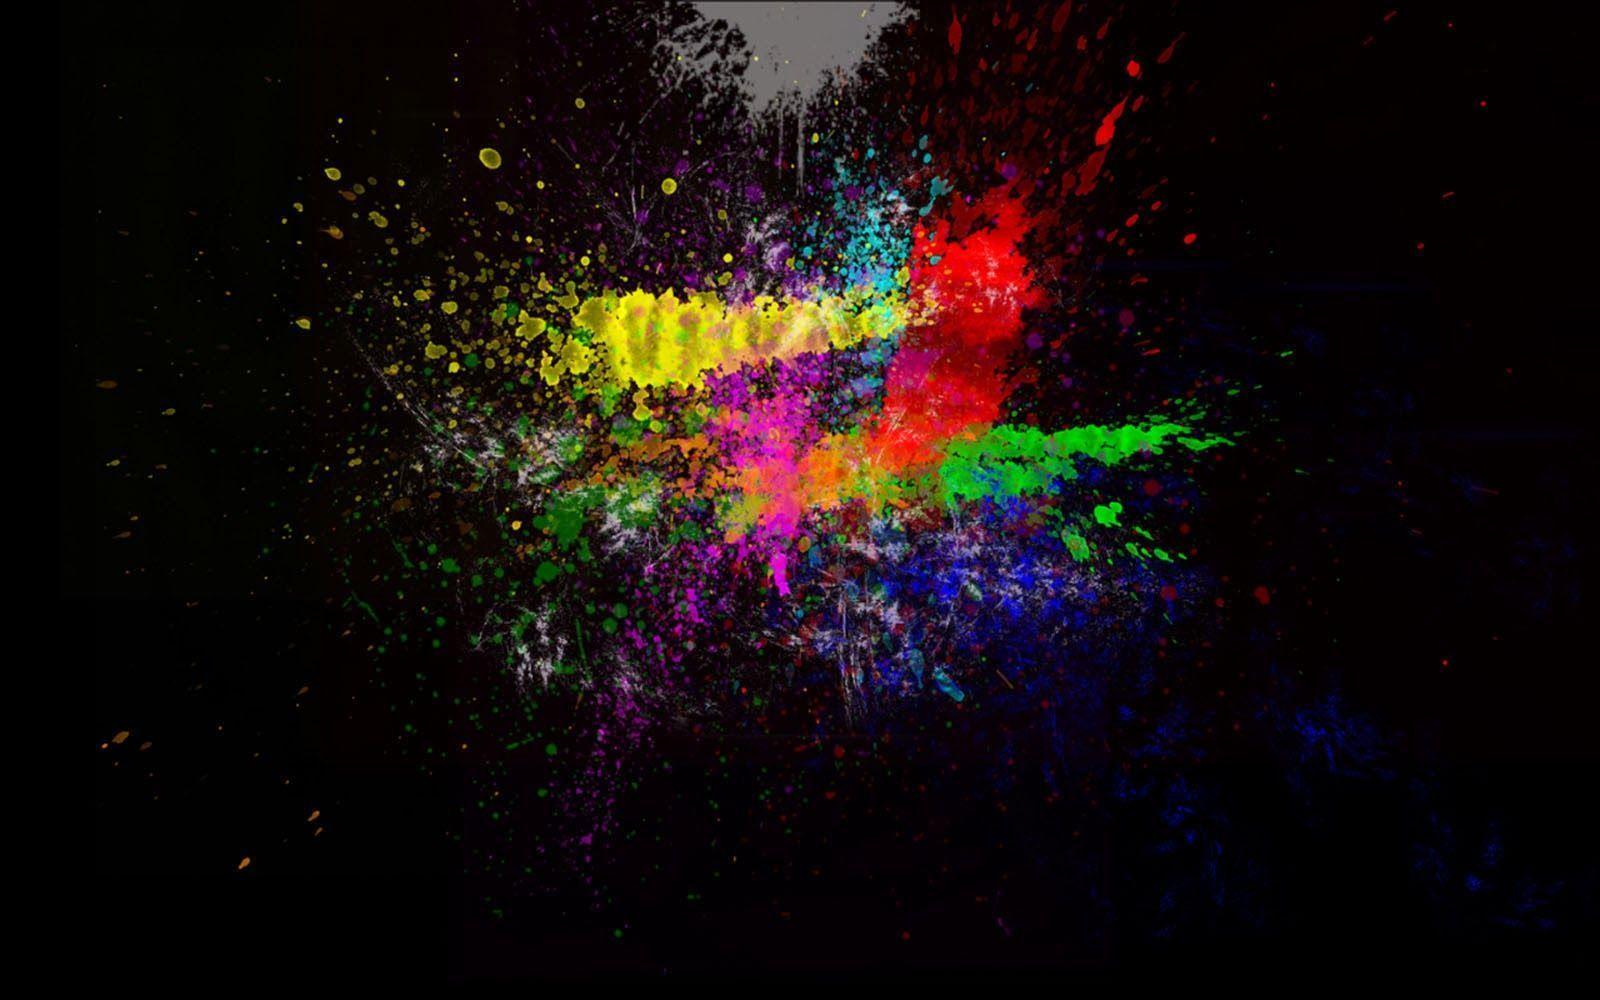 Color Splash Wallpapers Top Free Color Splash Backgrounds